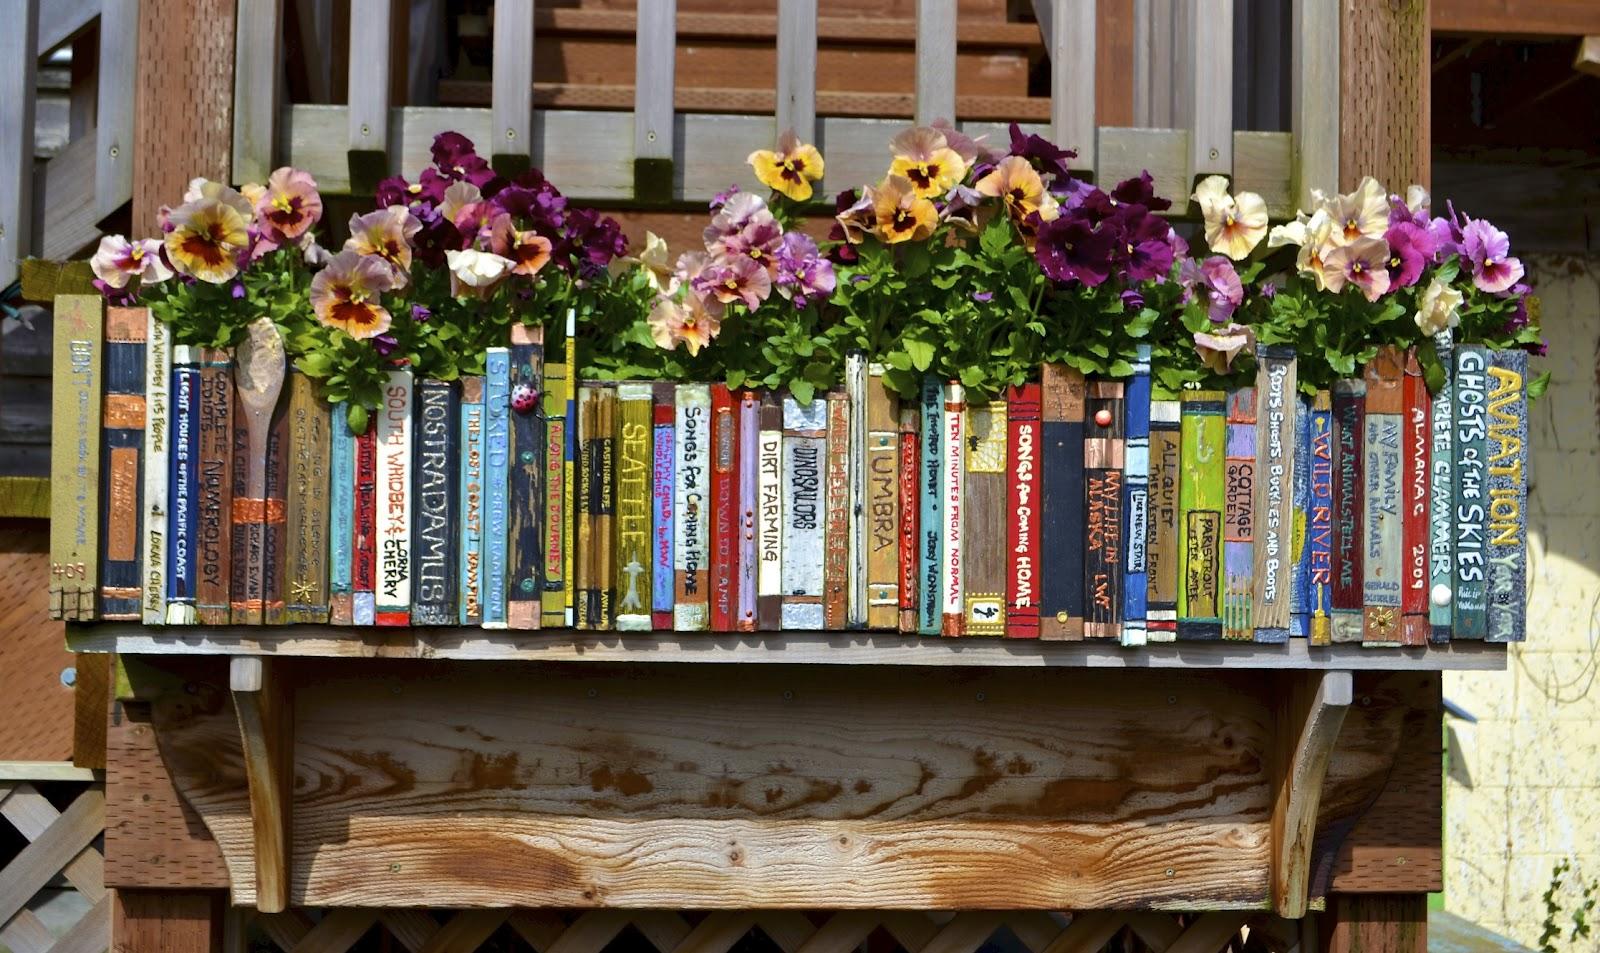 Carmen y amig s libros y flores - Libreria carmen ...